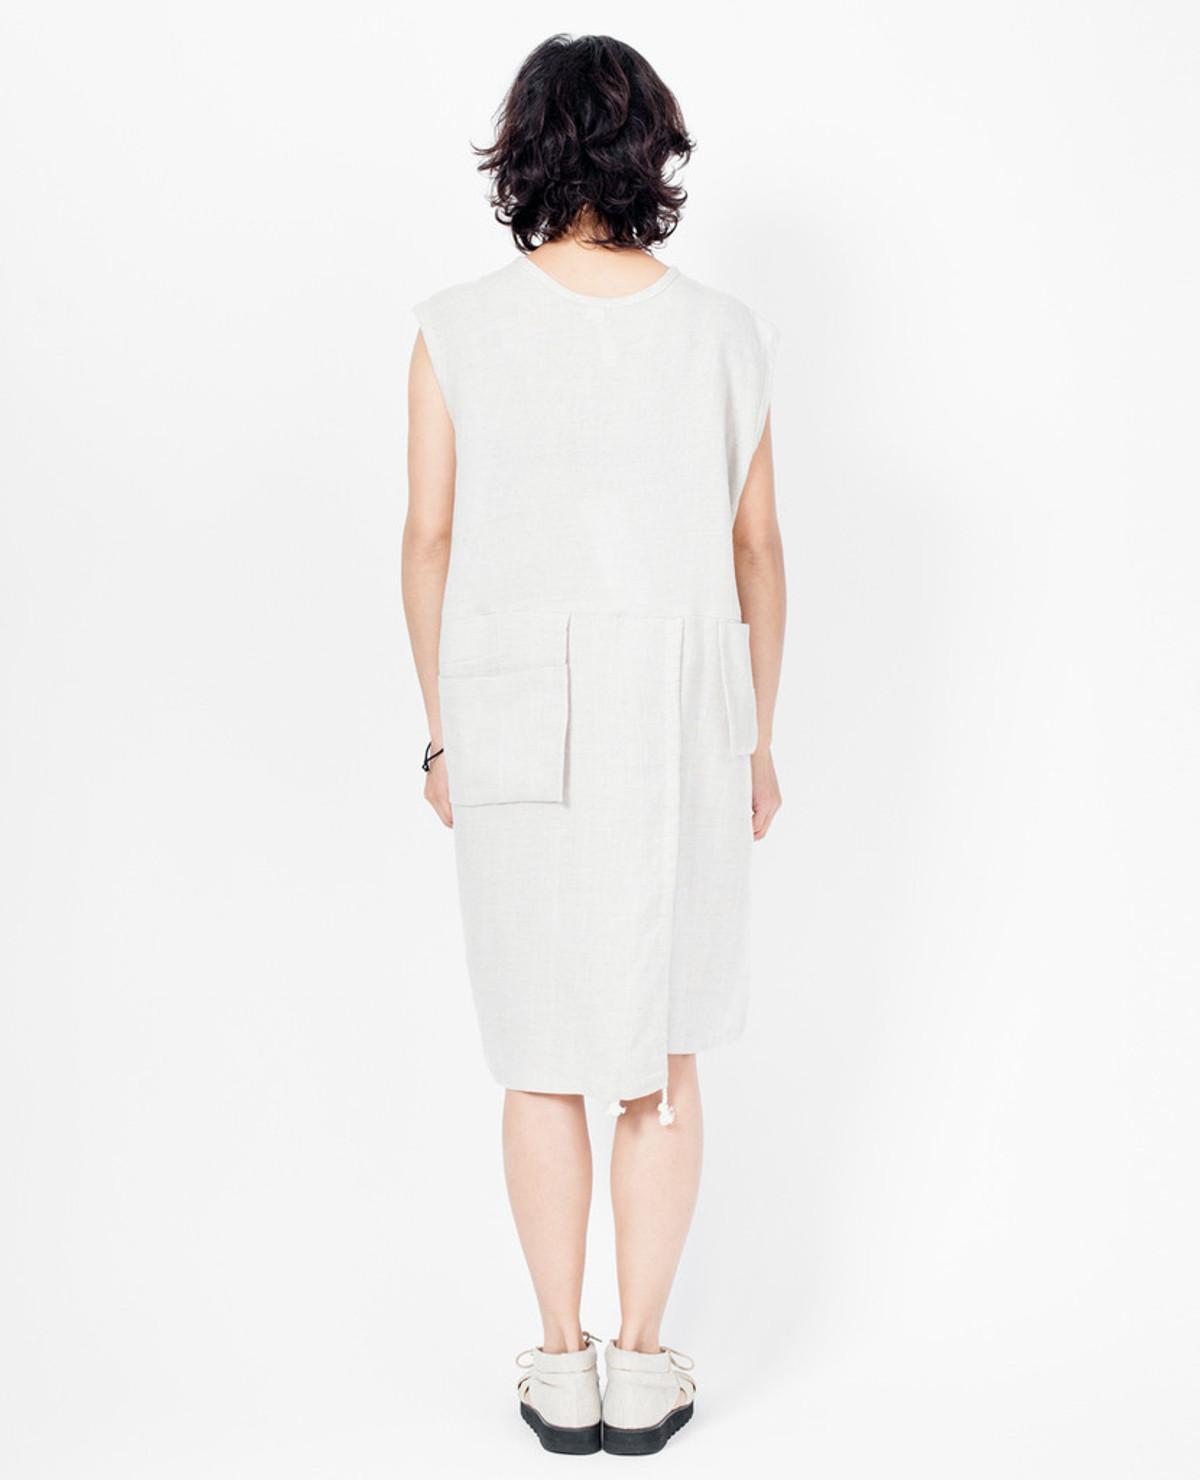 Murnau Dress - Natural Linen